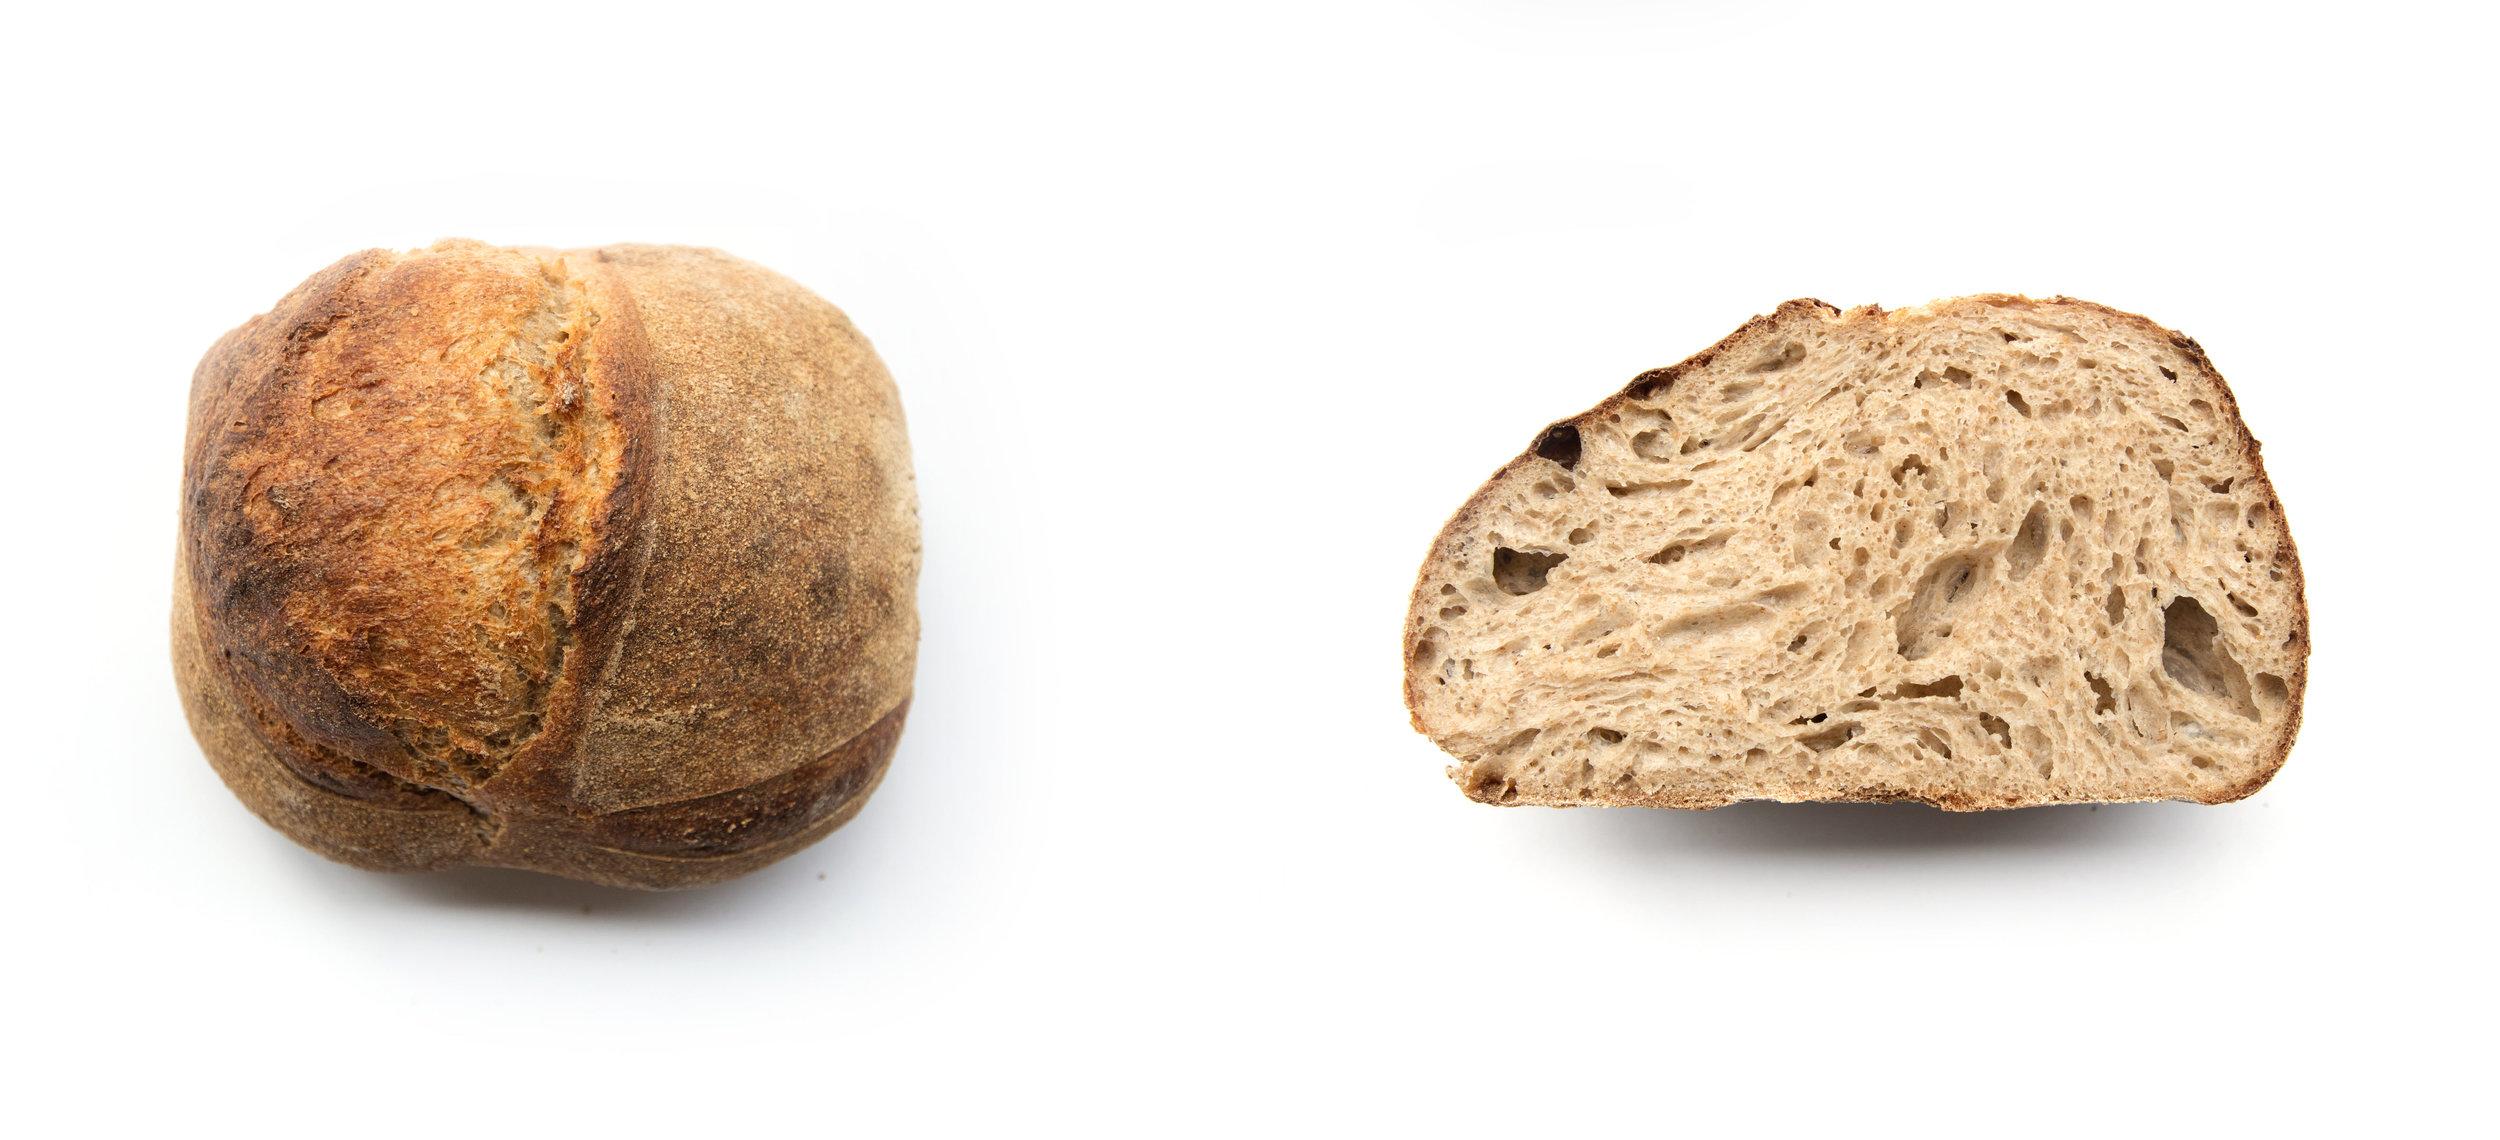 DE SUPERETTE DESEM BROOD.jpg